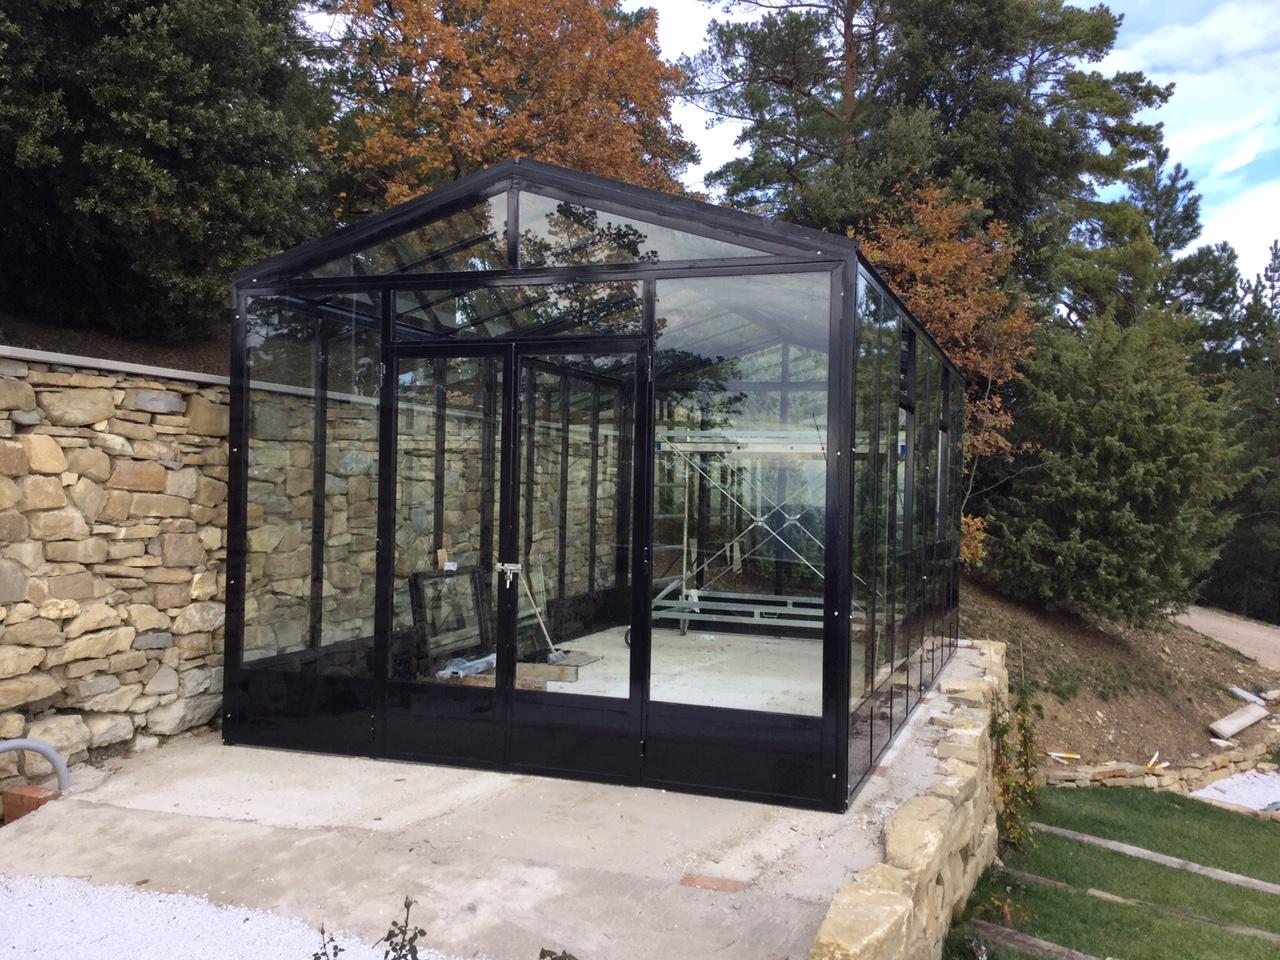 I nostri lavori giardino d 39 inverno e serra sopra il muro - Giardino d inverno normativa ...